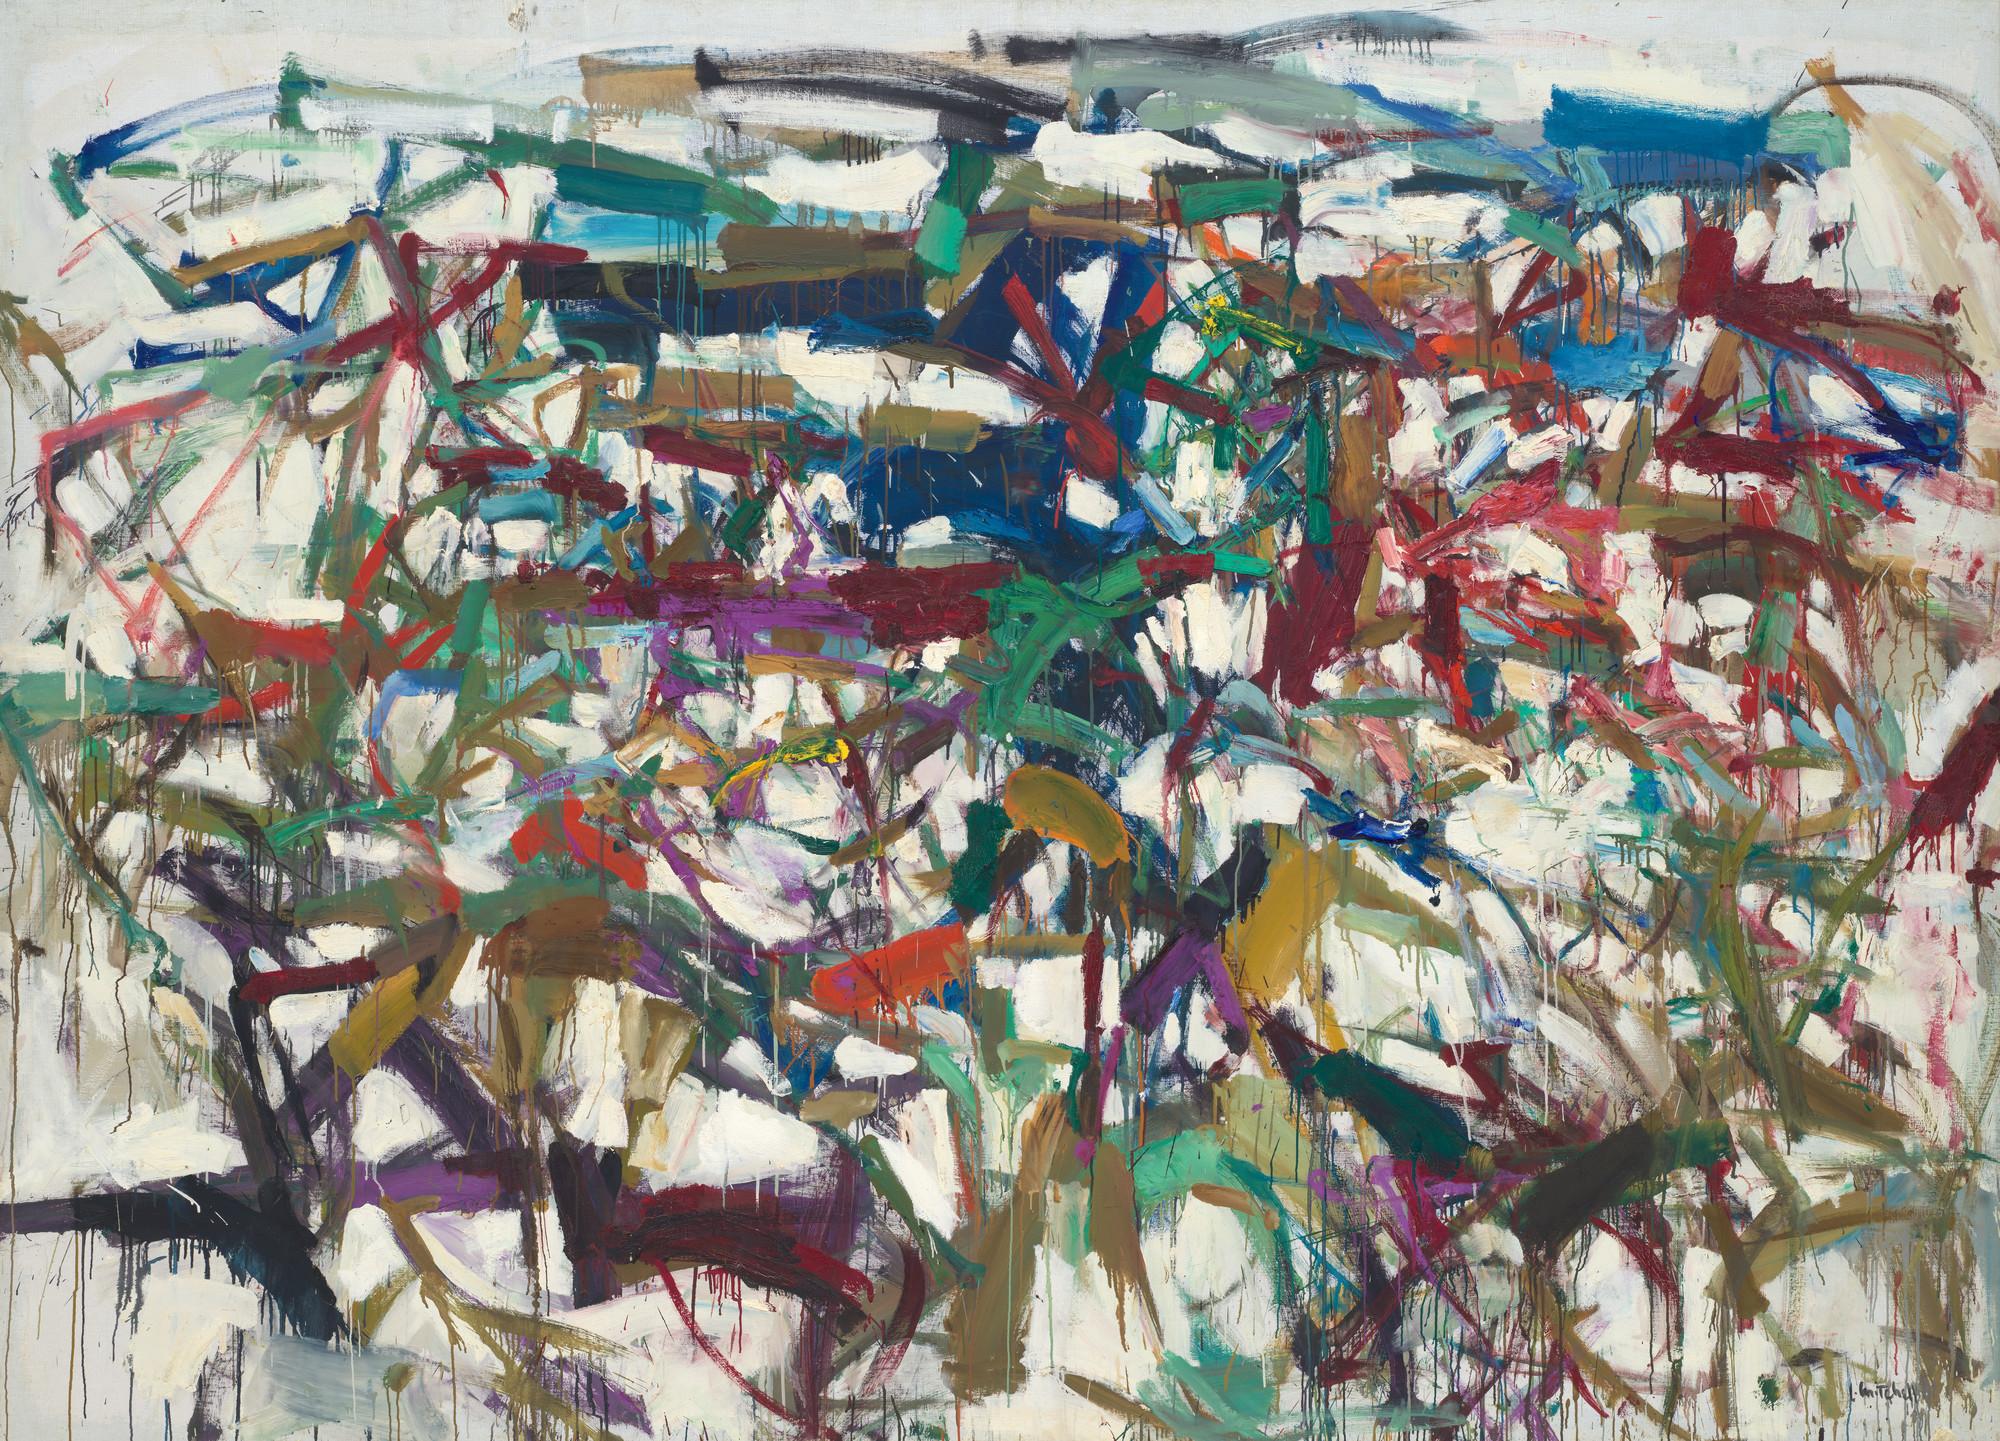 Robert Storr on artist Joan Mitchell